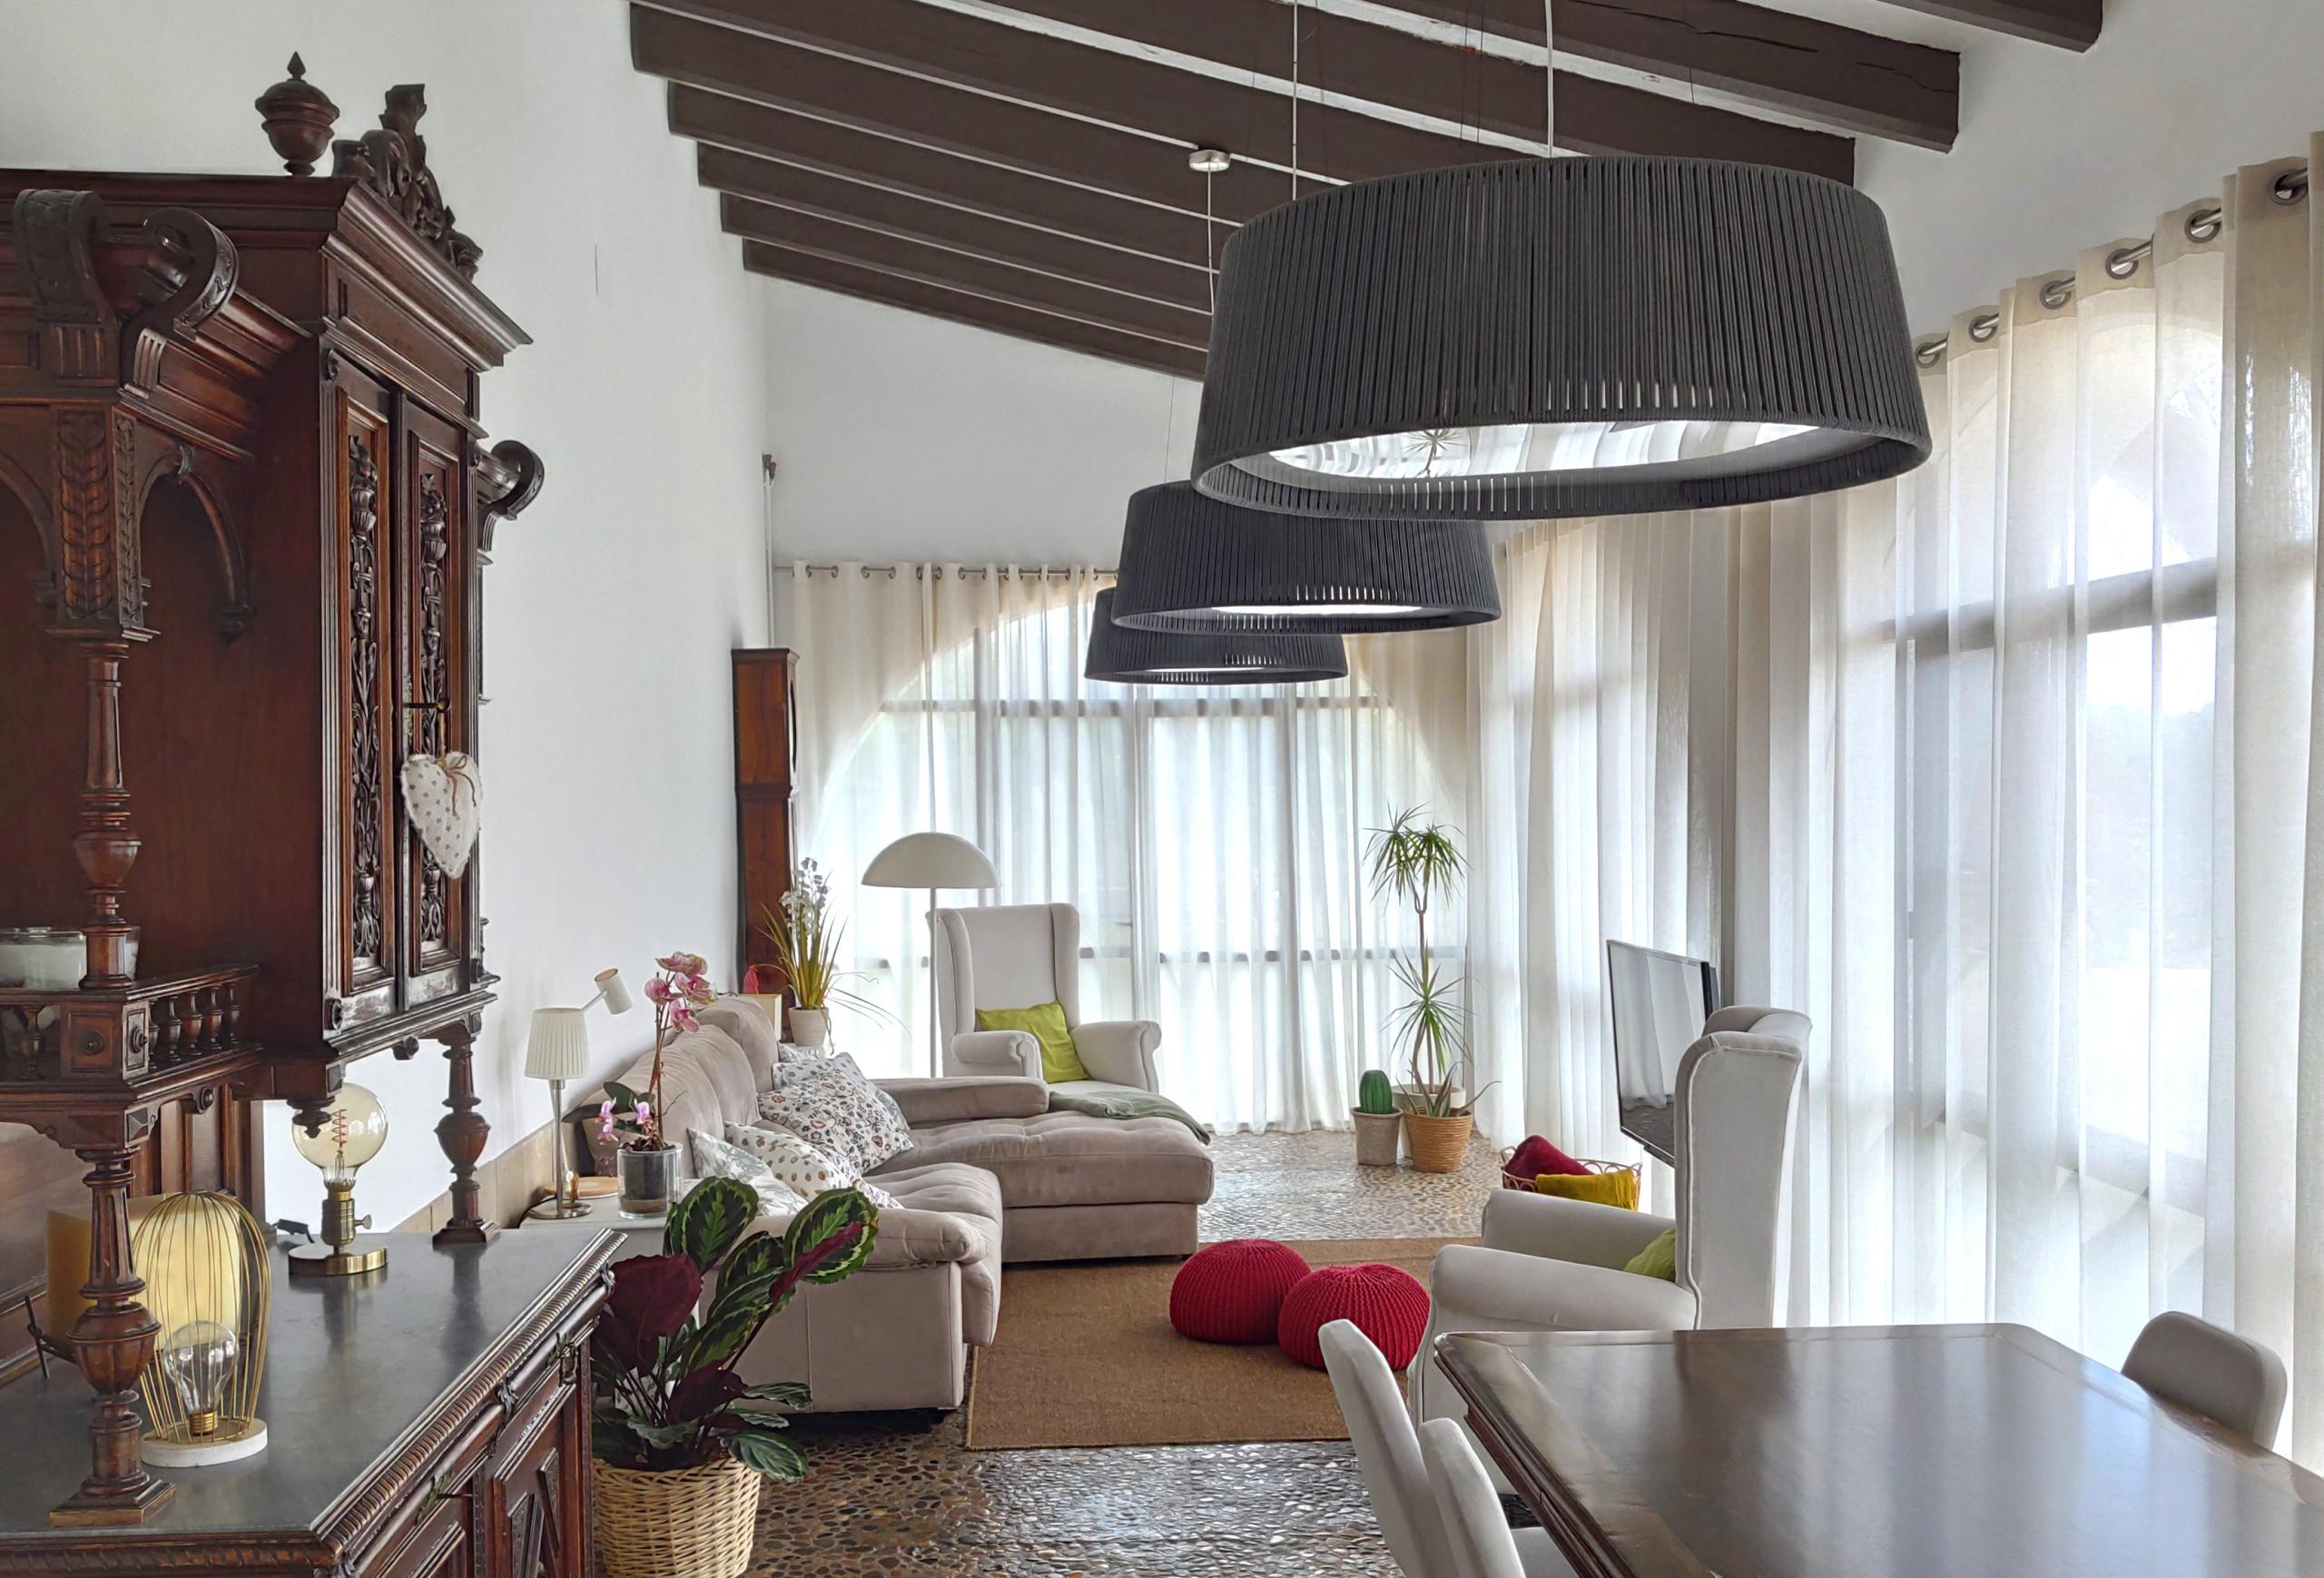 Rehabilitación integral de vivienda unifamiliar antigua